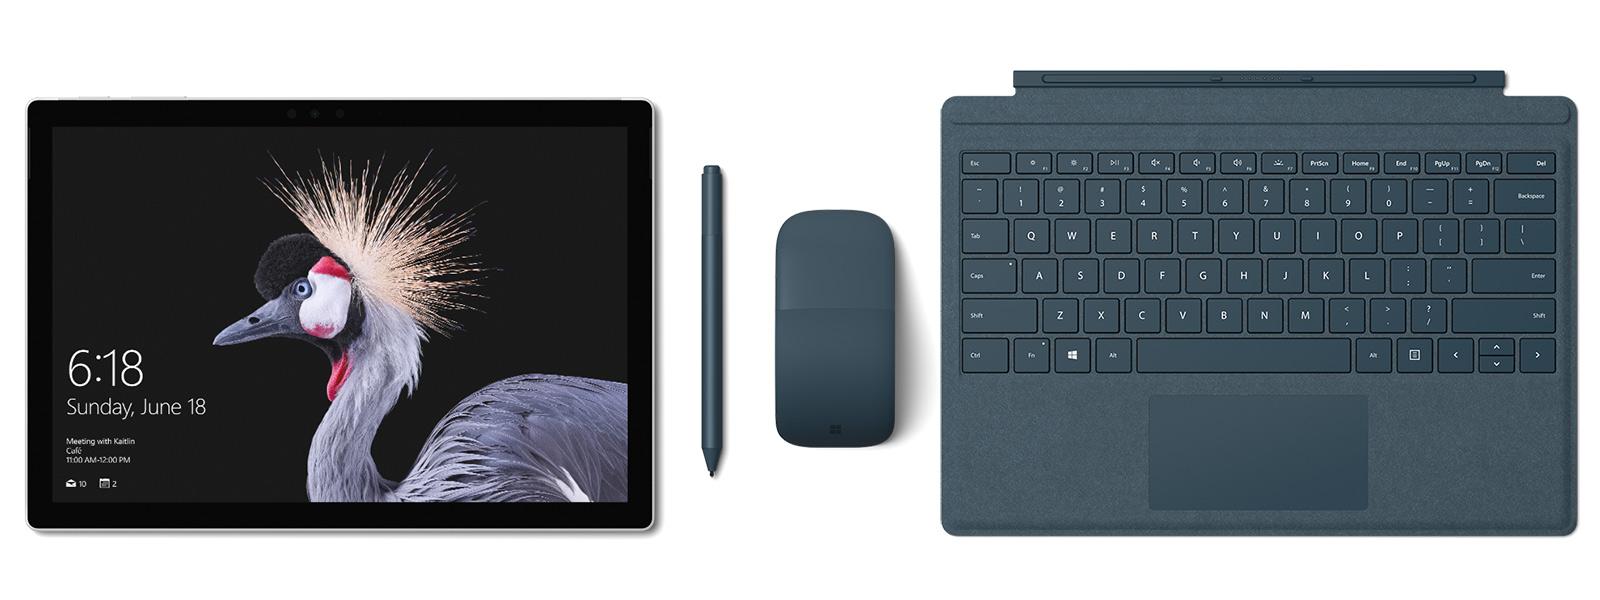 Image de SurfacePro avec le clavier SurfacePro Signature Type Cover, le stylet Surface et la souris Surface Arc Mouse couleur bleu cobalt. Avec le stylet Surface.